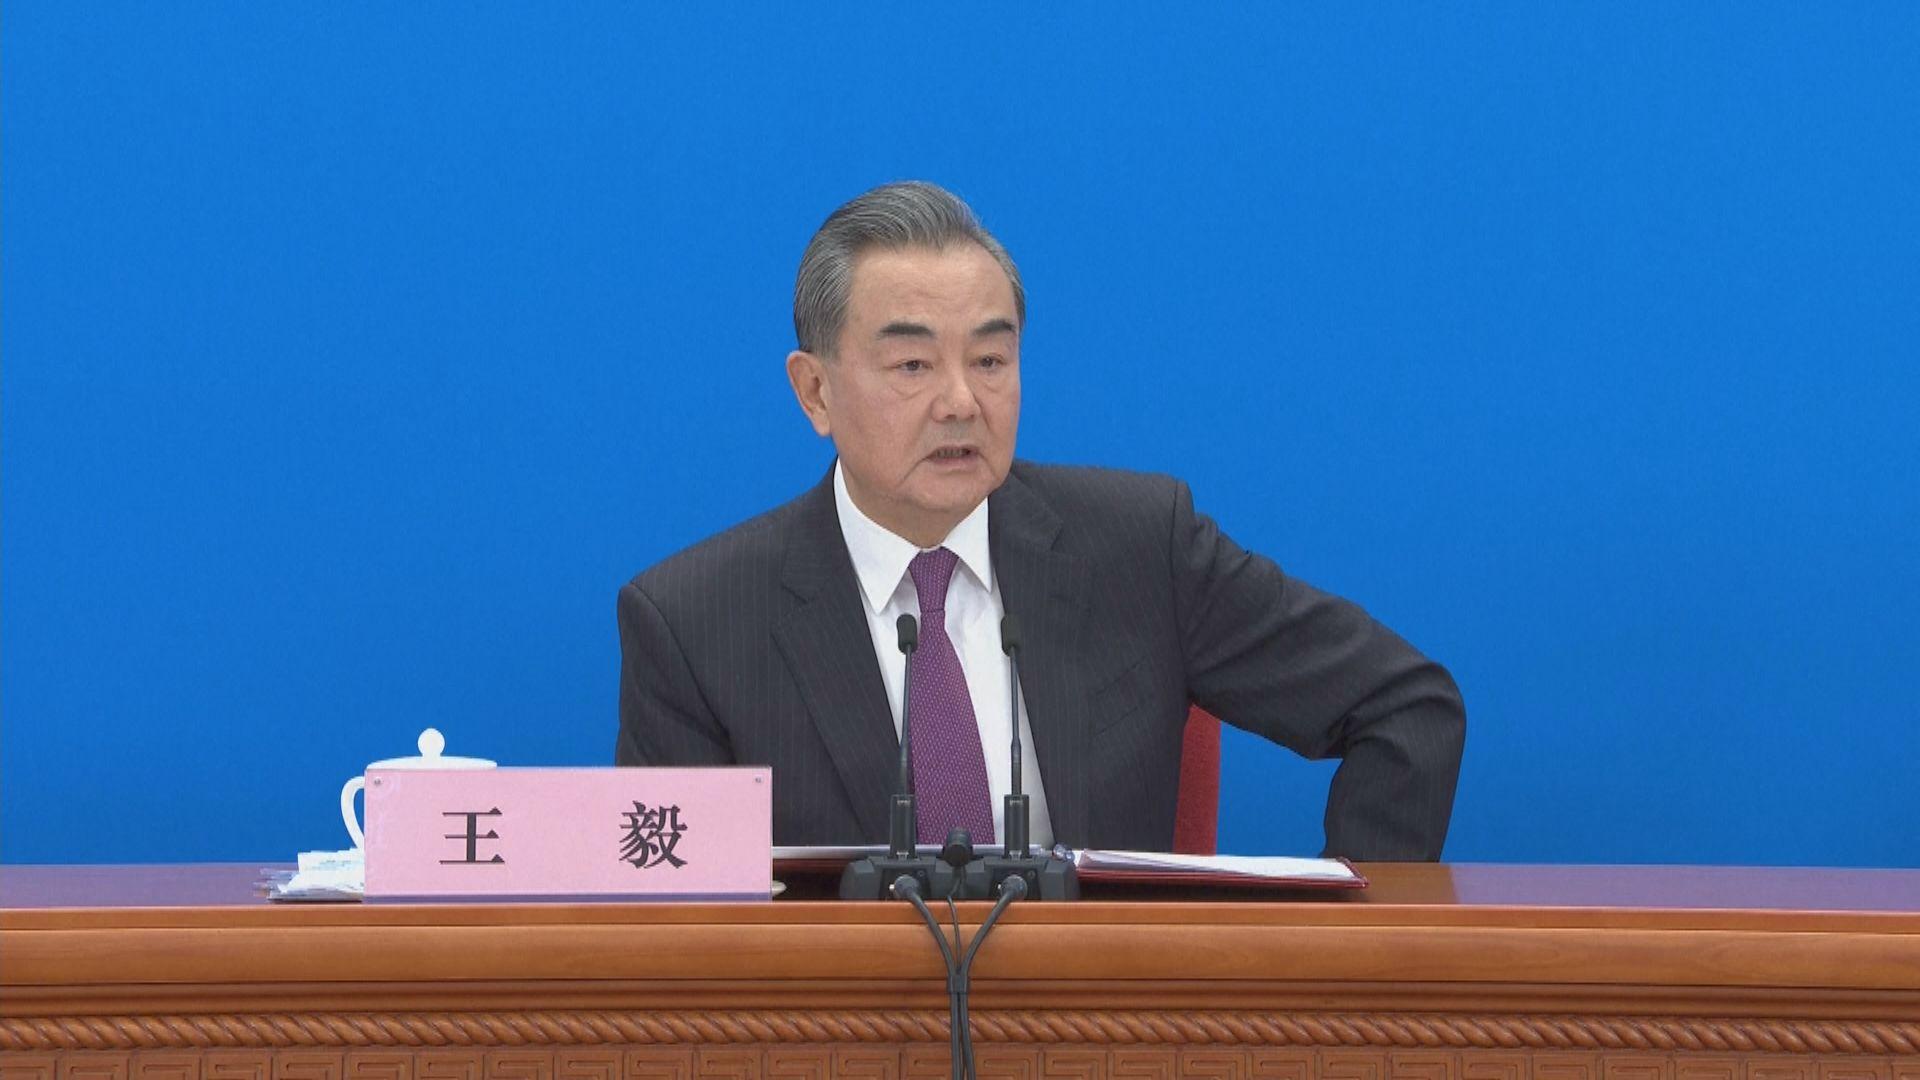 王毅:中印應加強對話溝通 解決邊界爭議